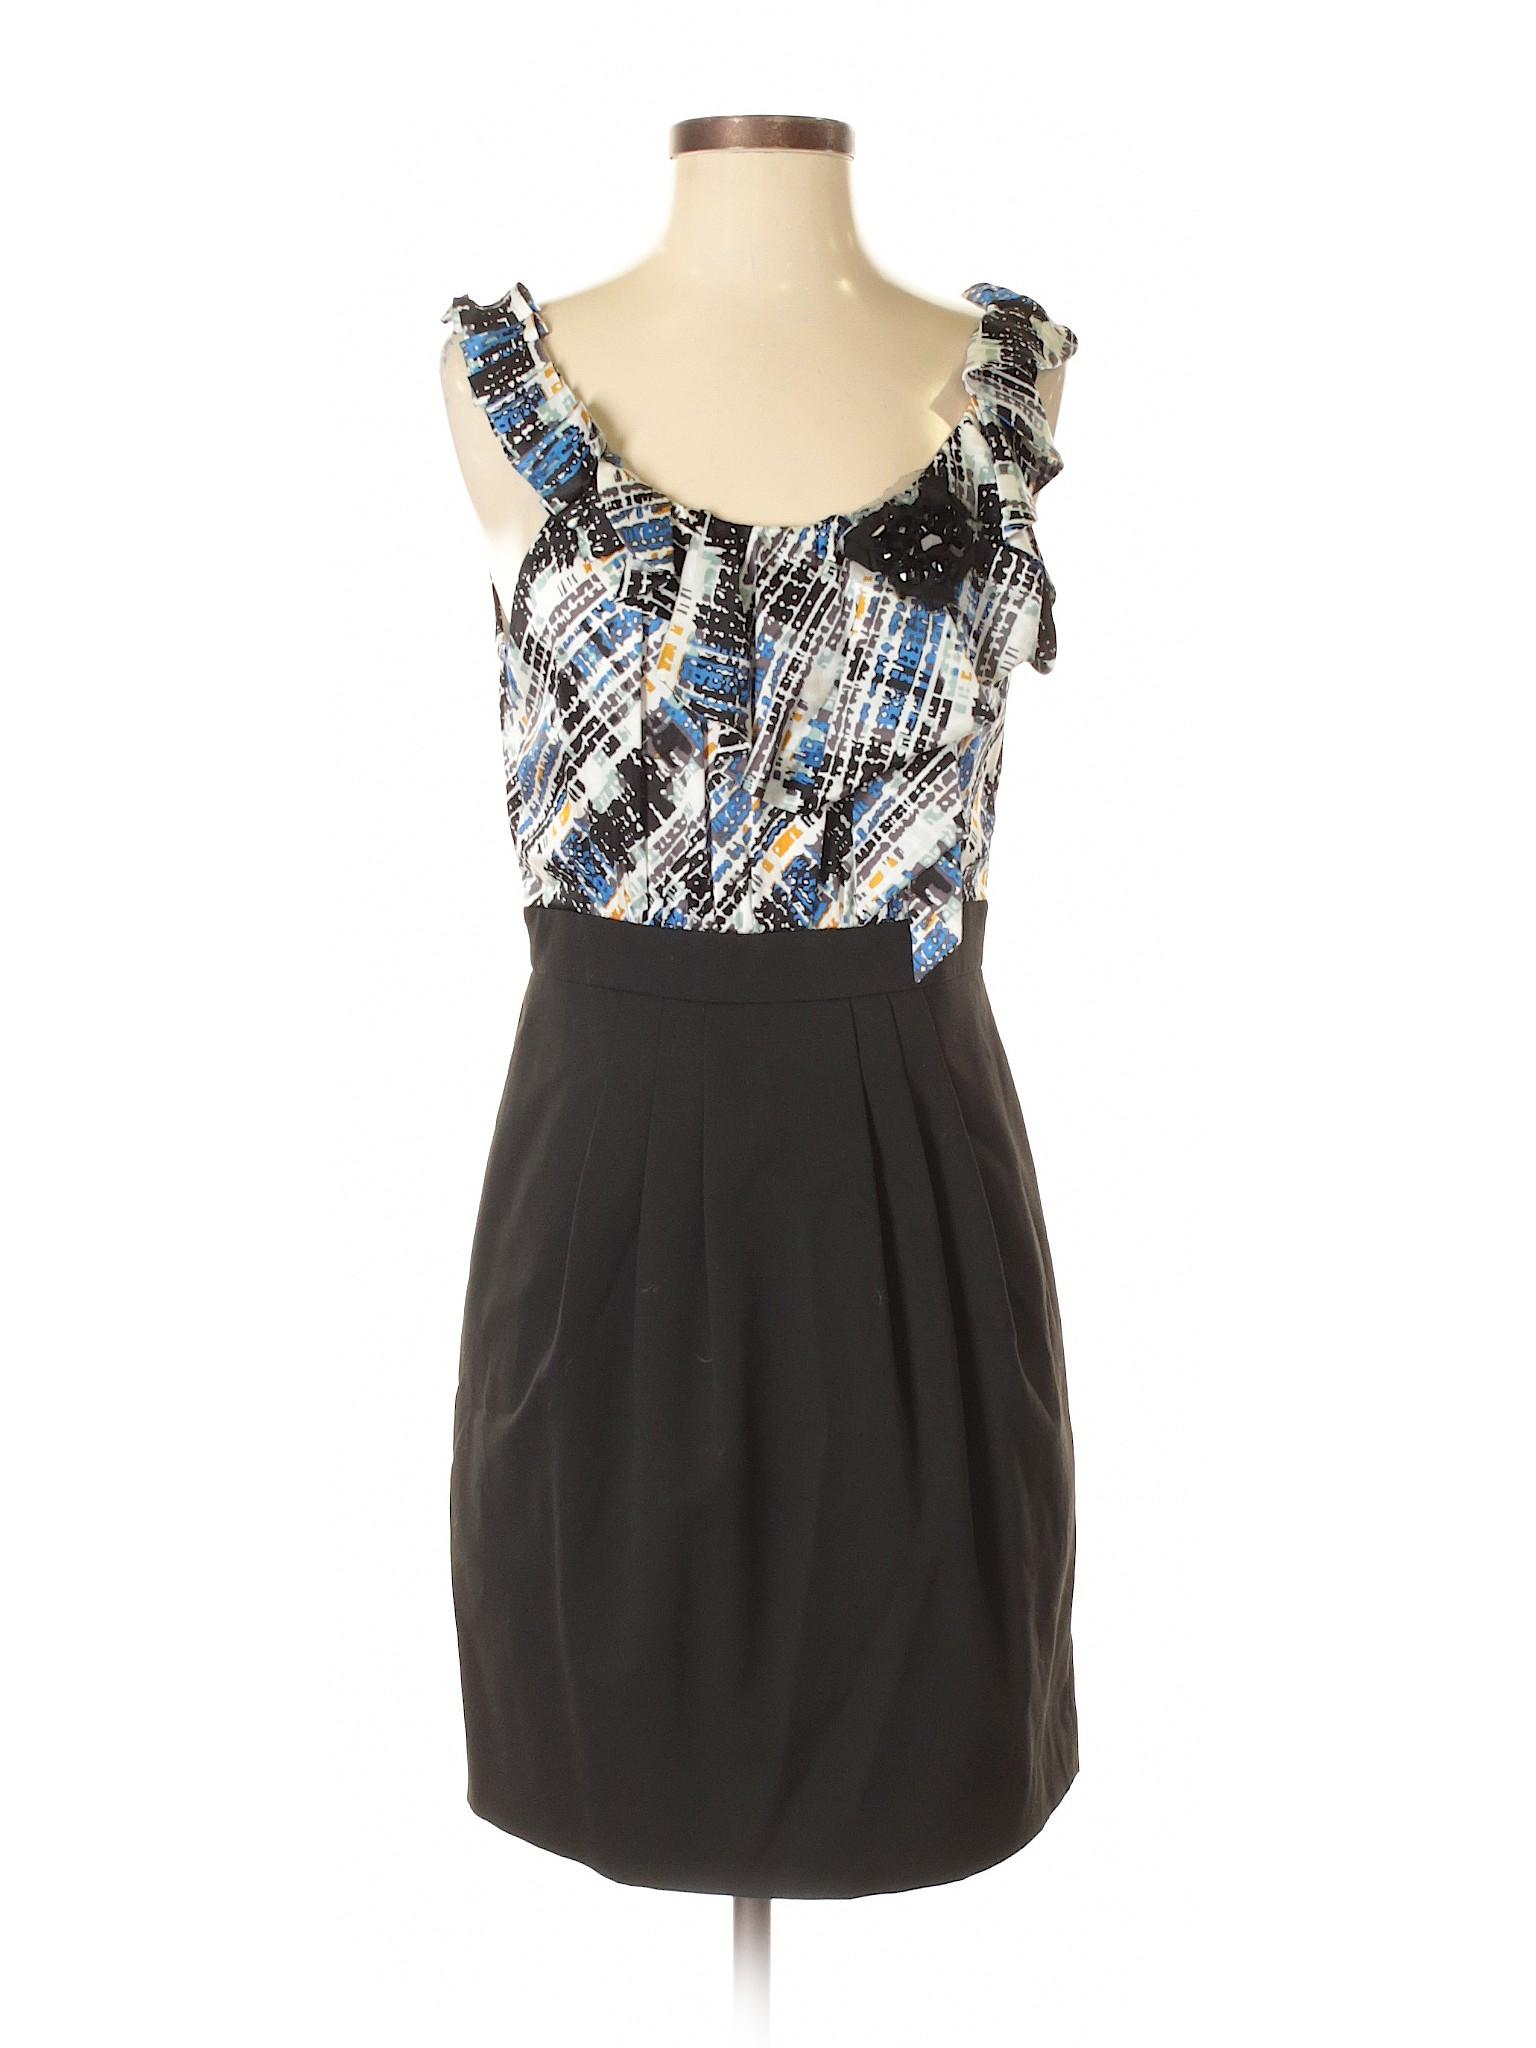 winter winter BCBGMAXAZRIA Boutique Boutique Casual Dress Dress BCBGMAXAZRIA Boutique Casual xpq64pY